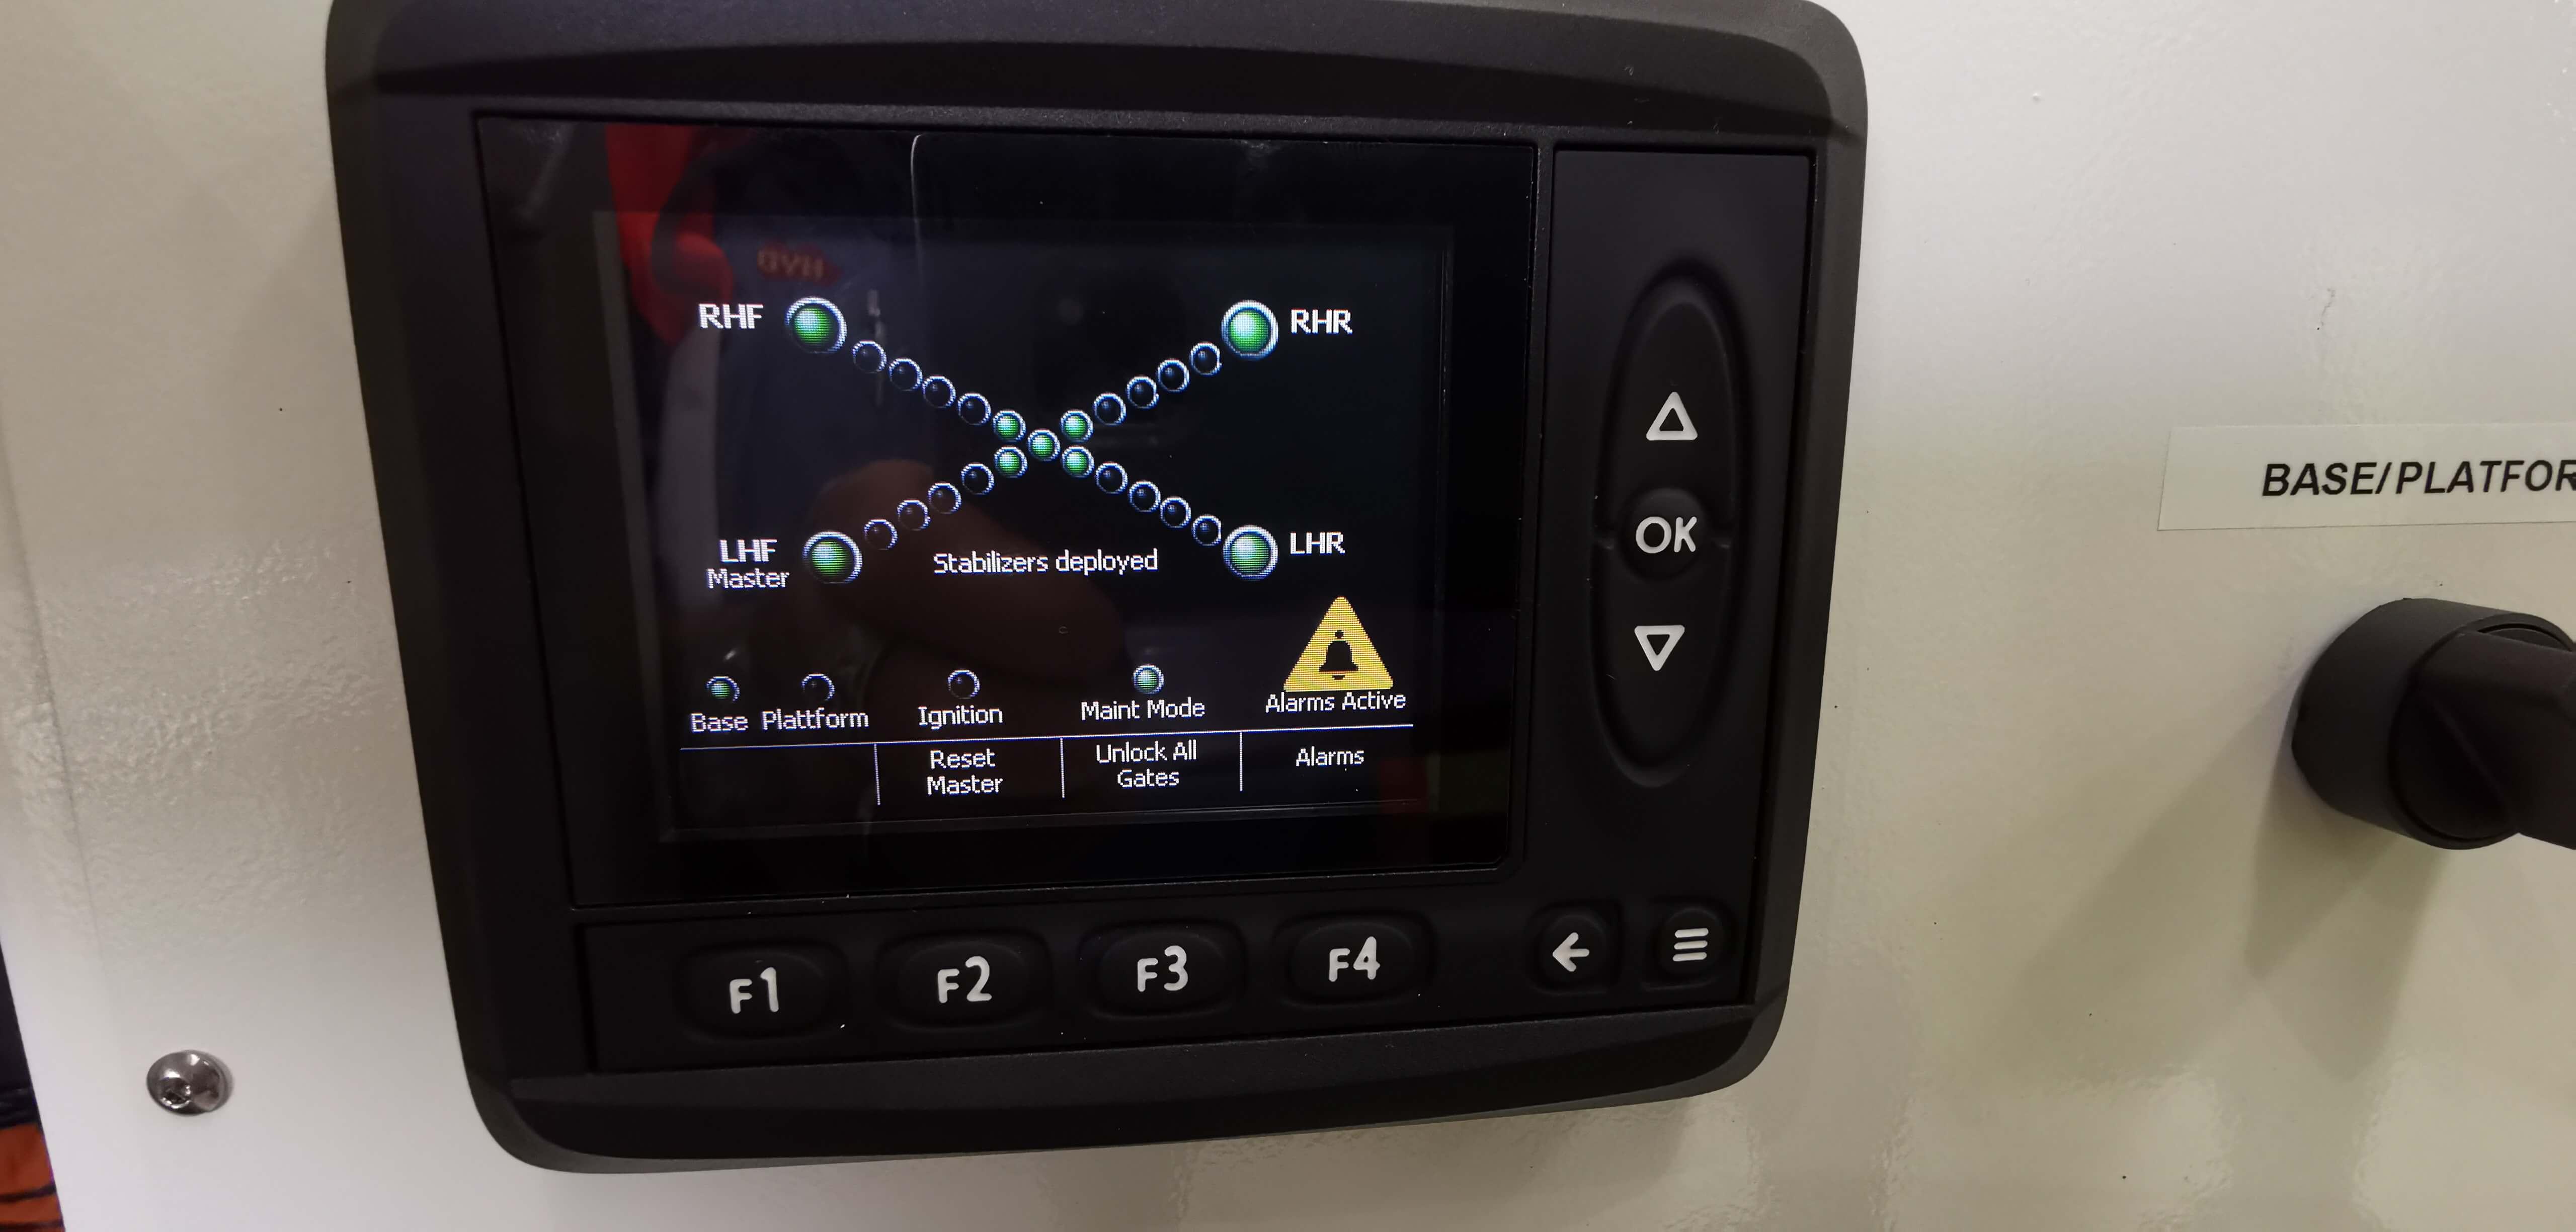 Mobile scissor platform controls